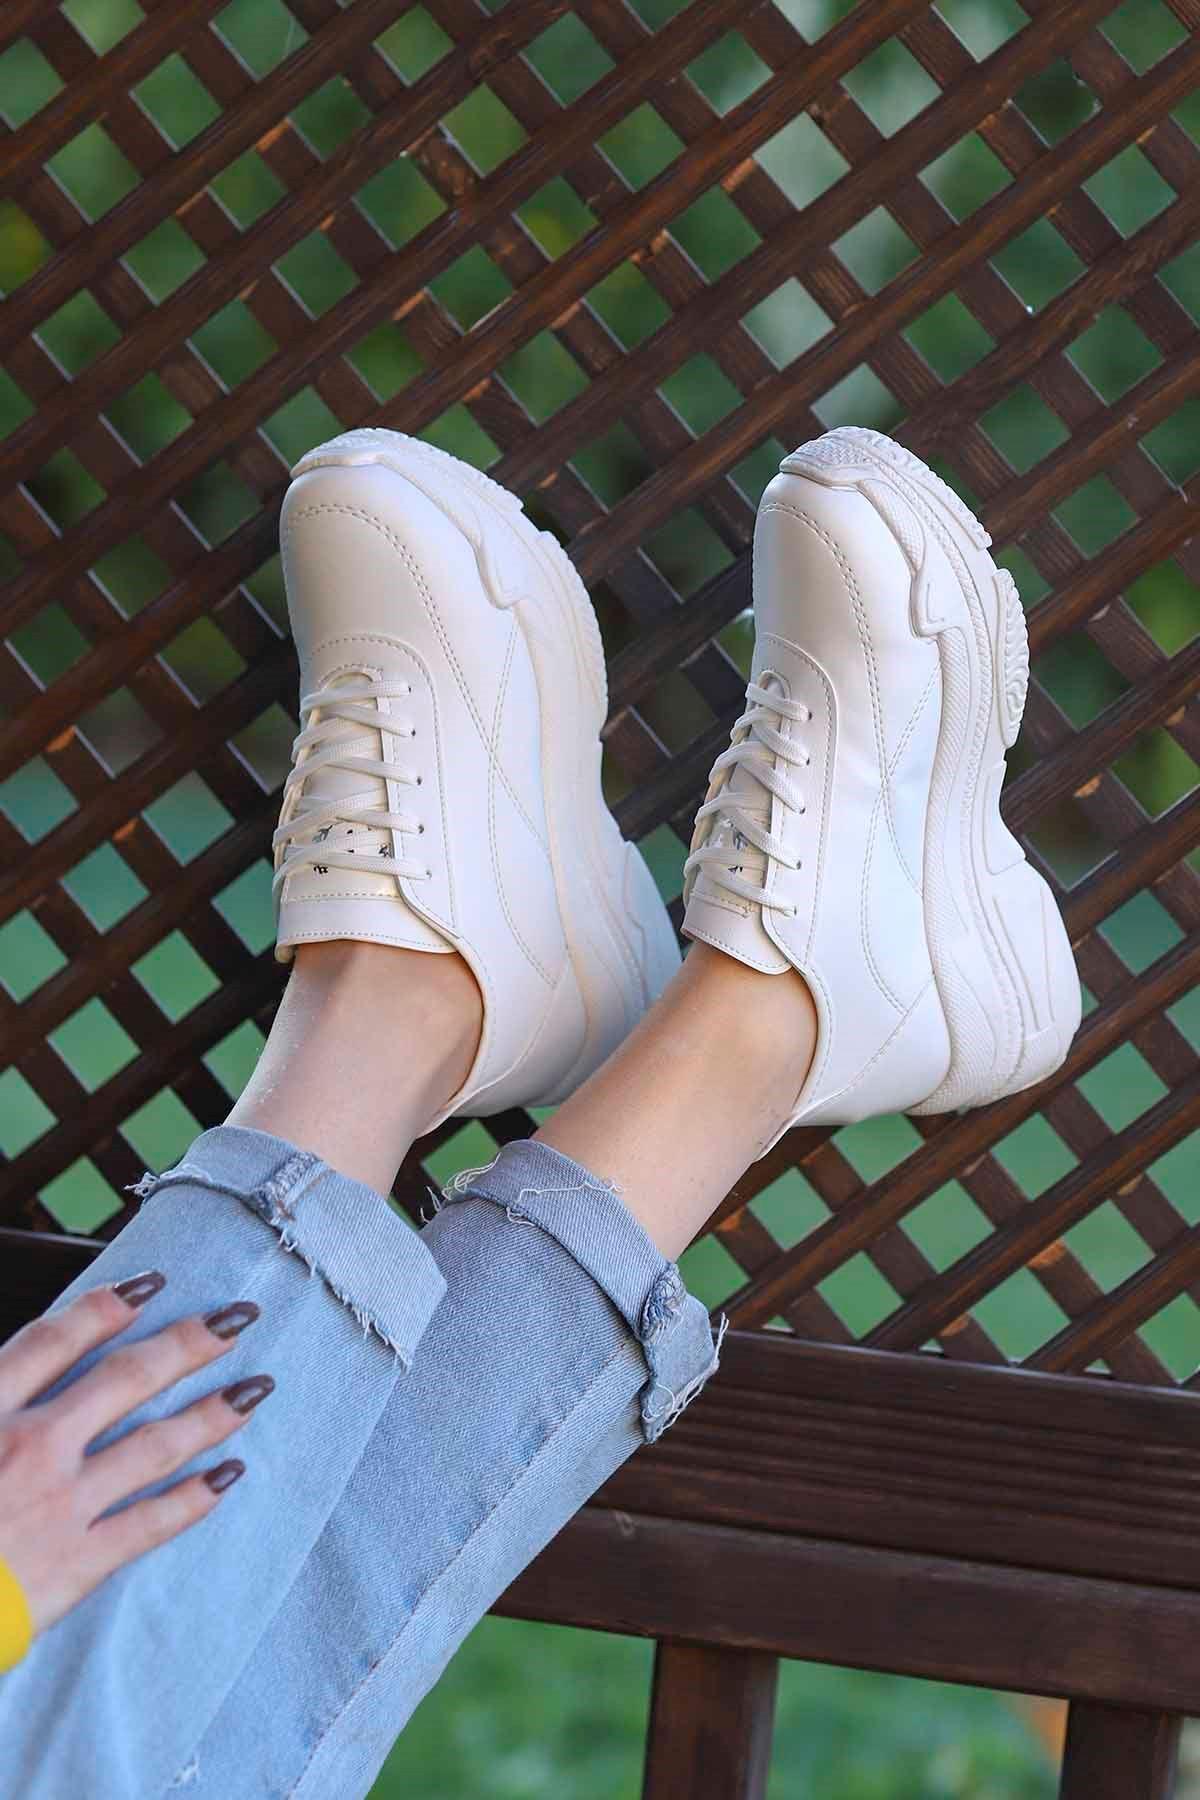 Snz-701 Tabanlı Spor Ayakkabı Beyaz Deri